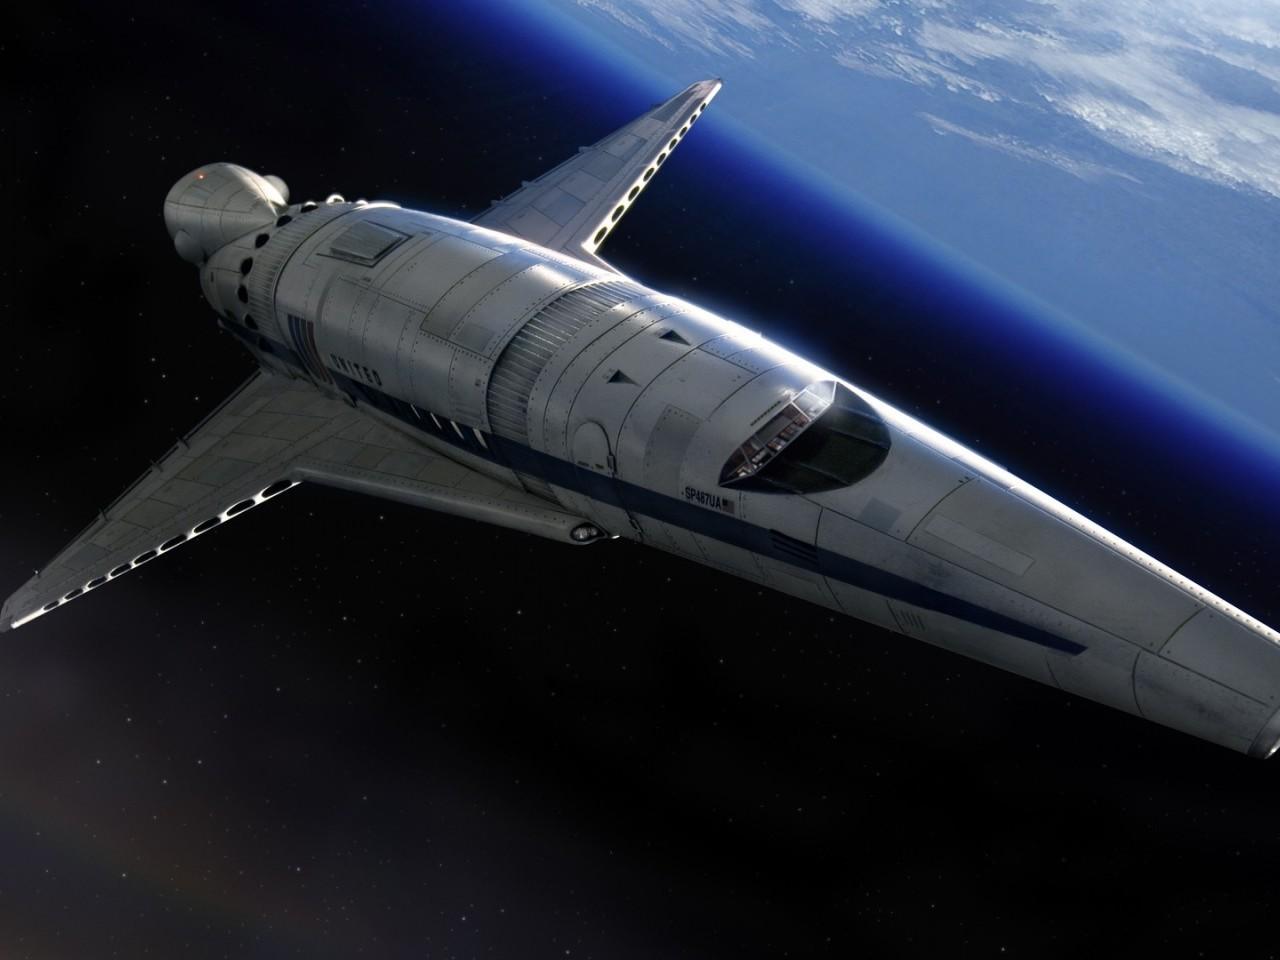 http://2.bp.blogspot.com/-iM4Le-XmKjo/T-ApD0lxL3I/AAAAAAAAAjk/4f8D3rnySVU/s1600/spacecraft-hd-1280x960.jpg